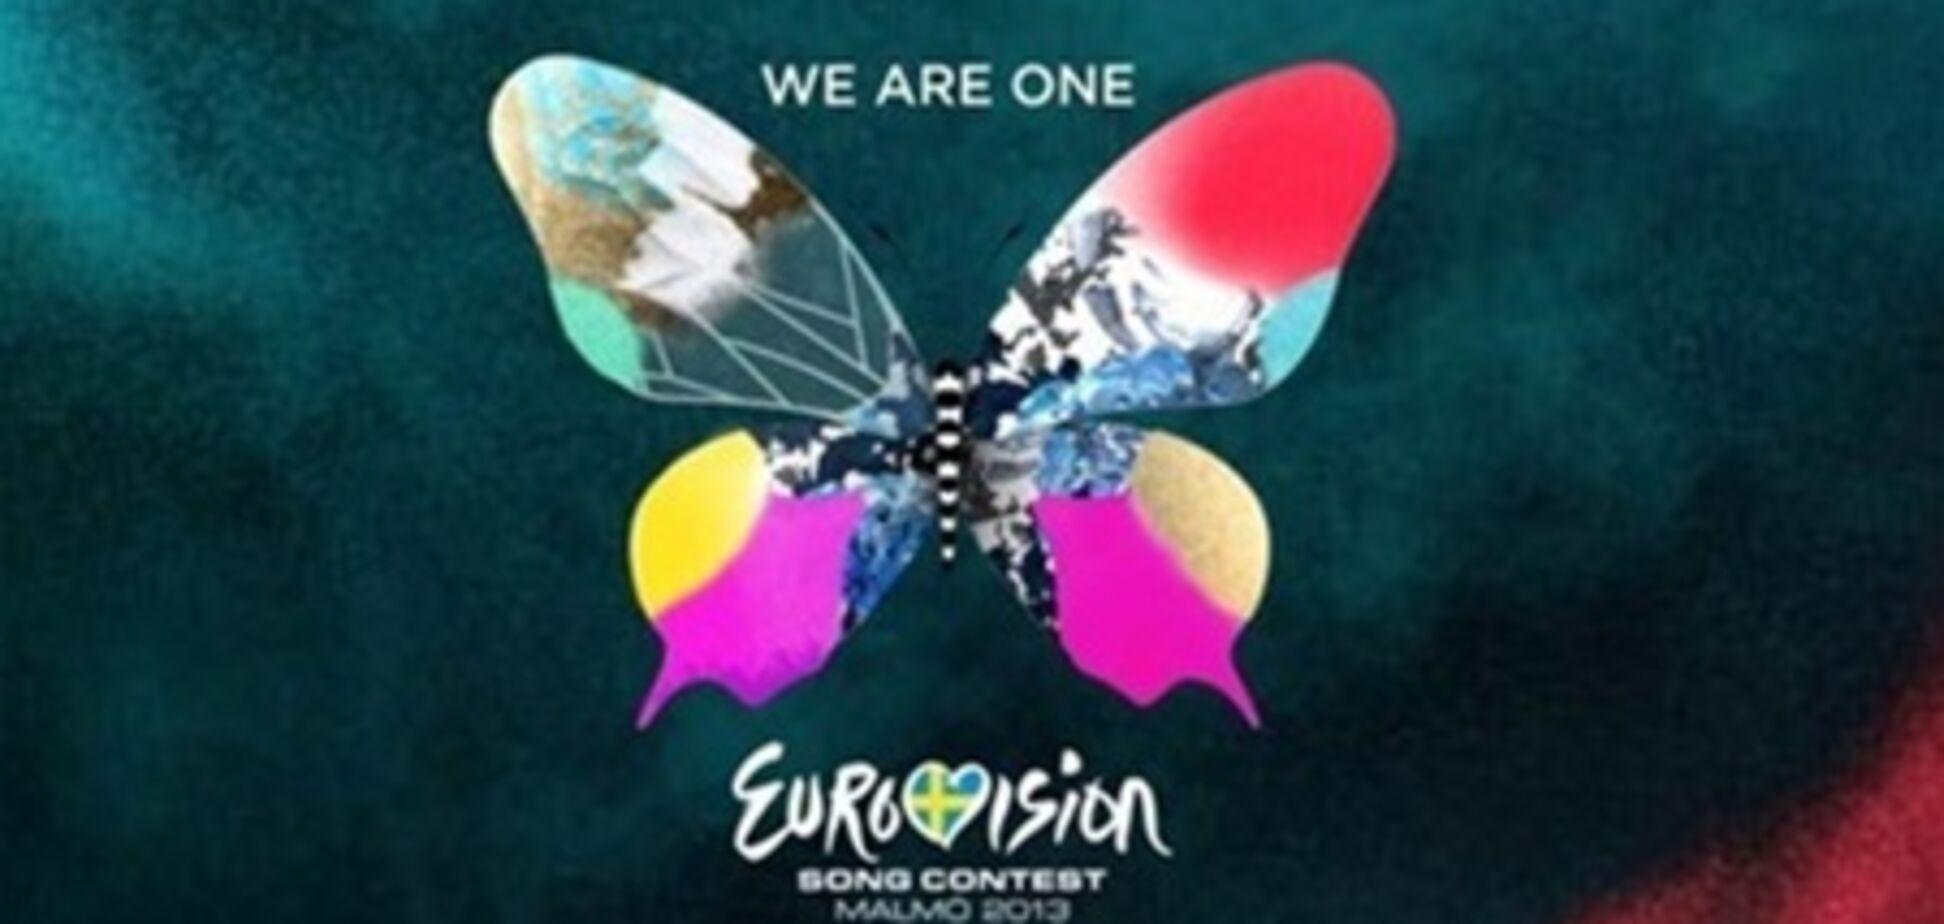 Злата Огневич прошла в финал 'Евровидения-2013'